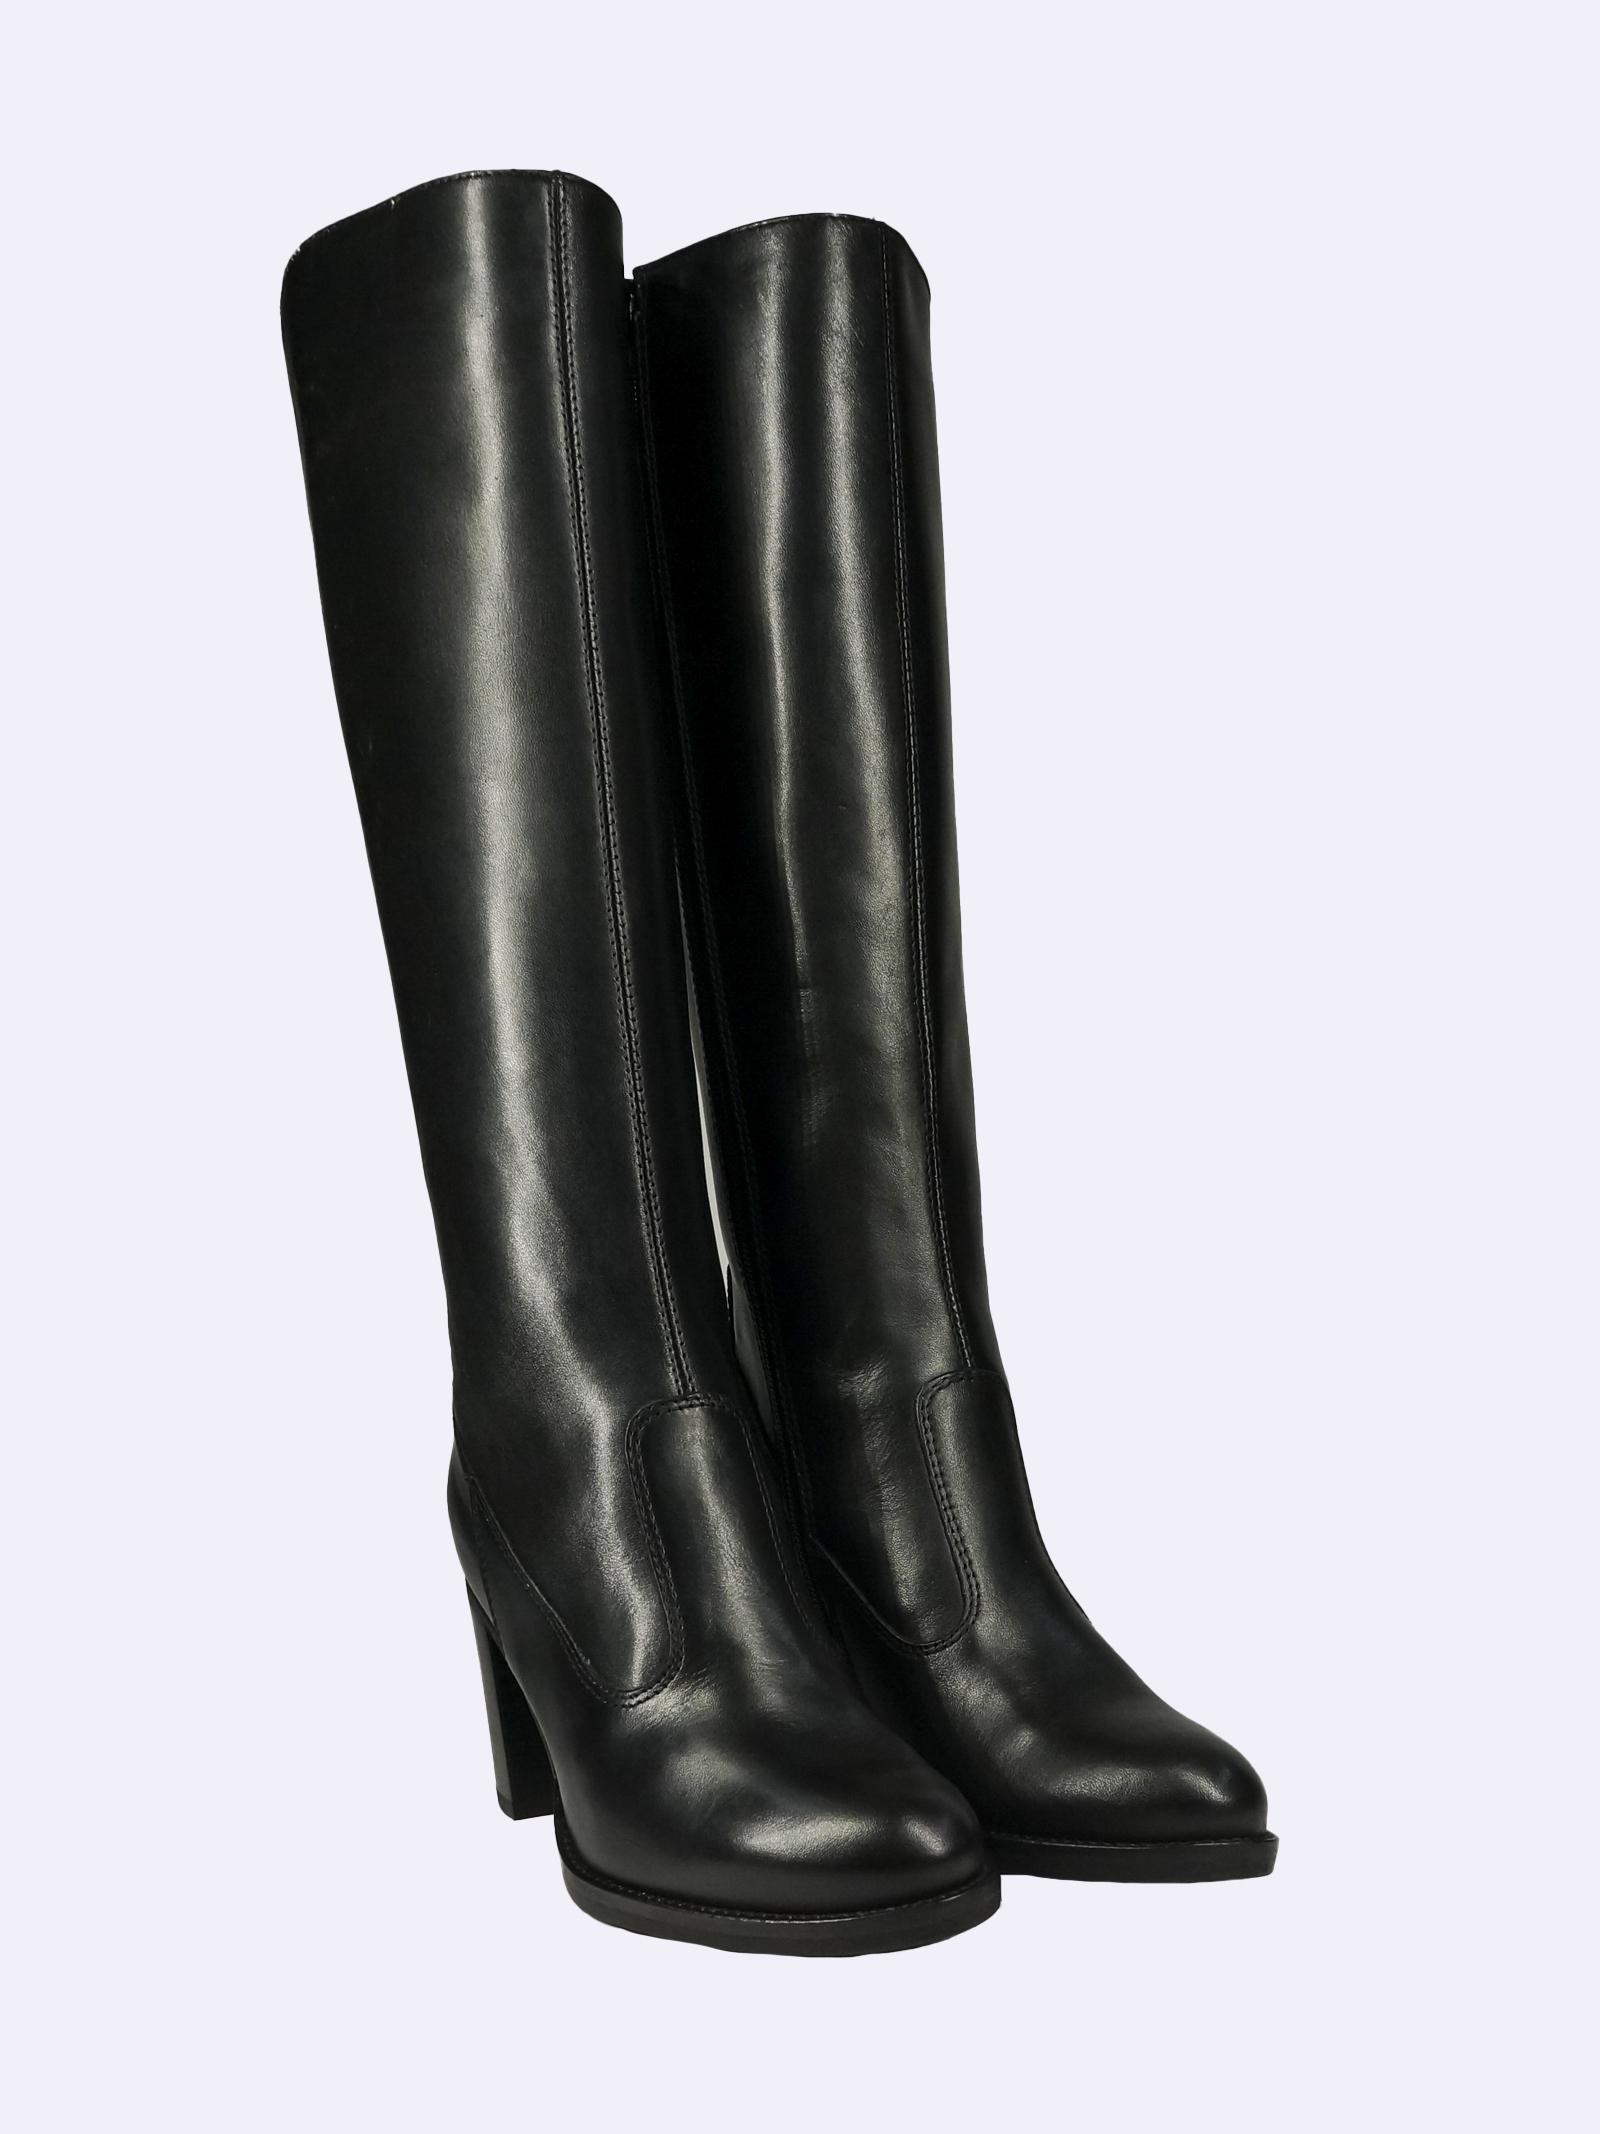 Stivali Donna in Pelle Nera con Elastico al Polpaccio Nero Giardini | Stivali | I117571DNERO100